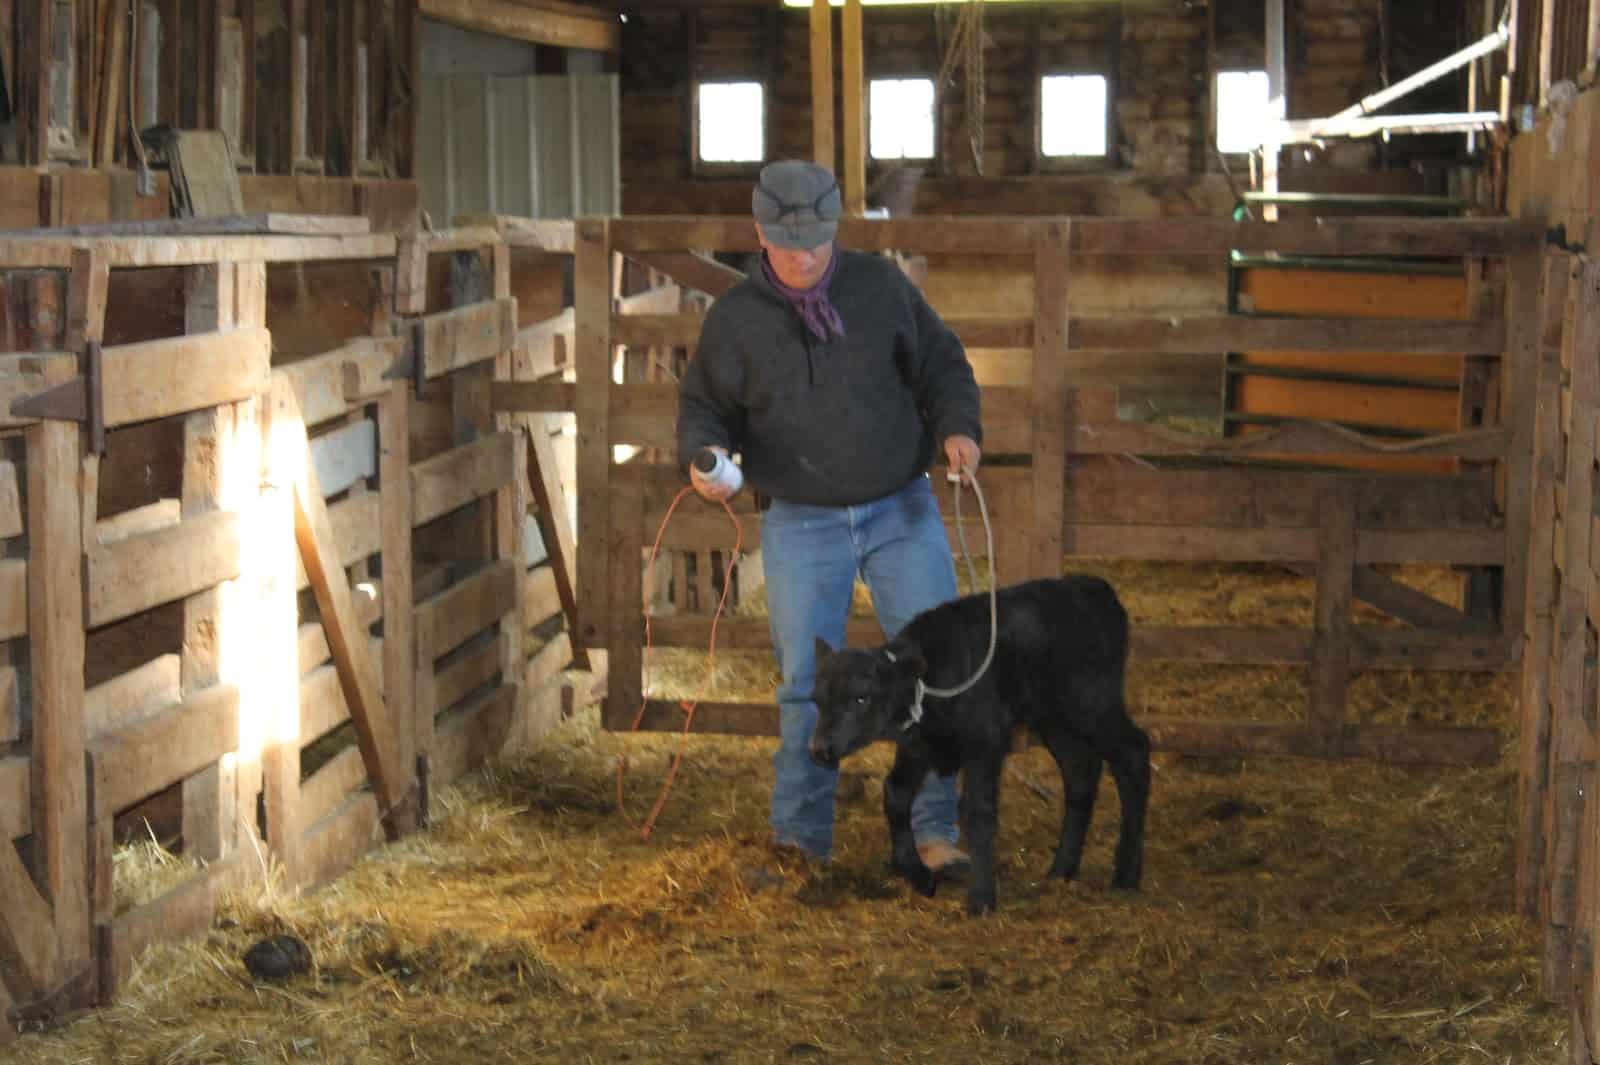 cowboy in barn leading calf